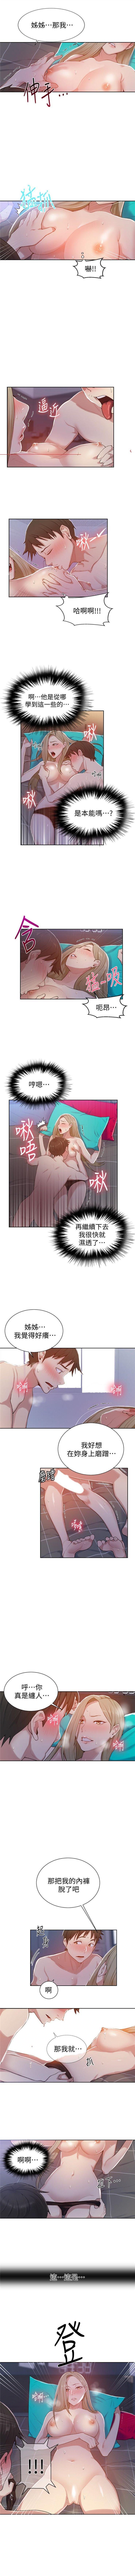 秘密教學  1-55 官方中文(連載中) 82